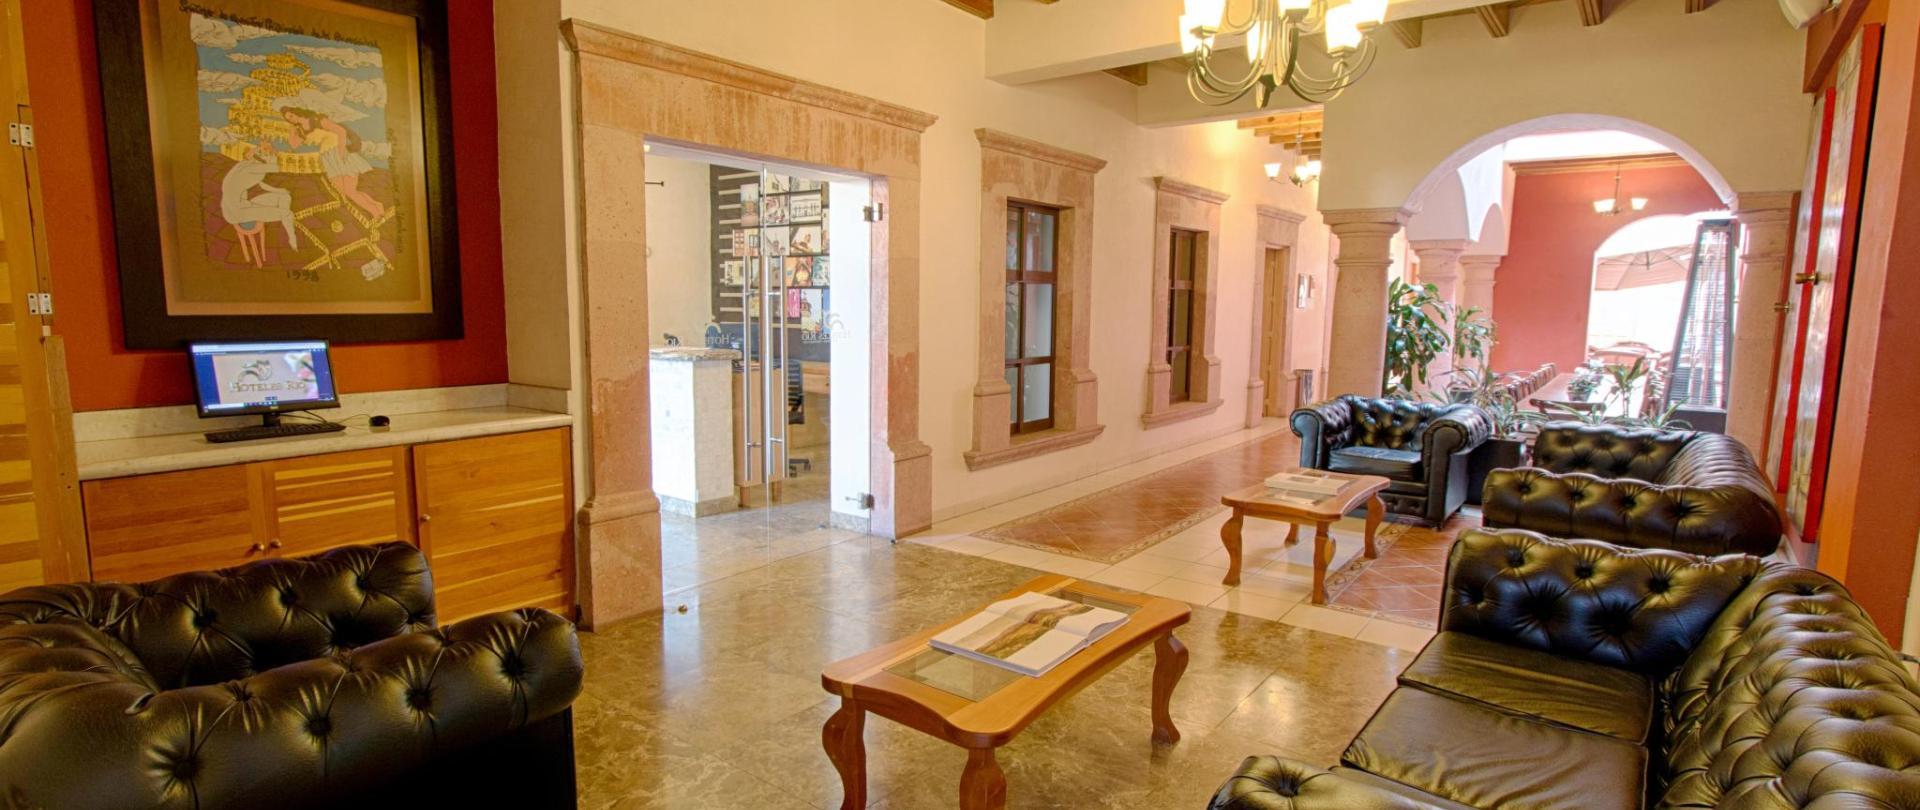 Hotel Rio Queretaro Recepcion y Lobby (1).jpg